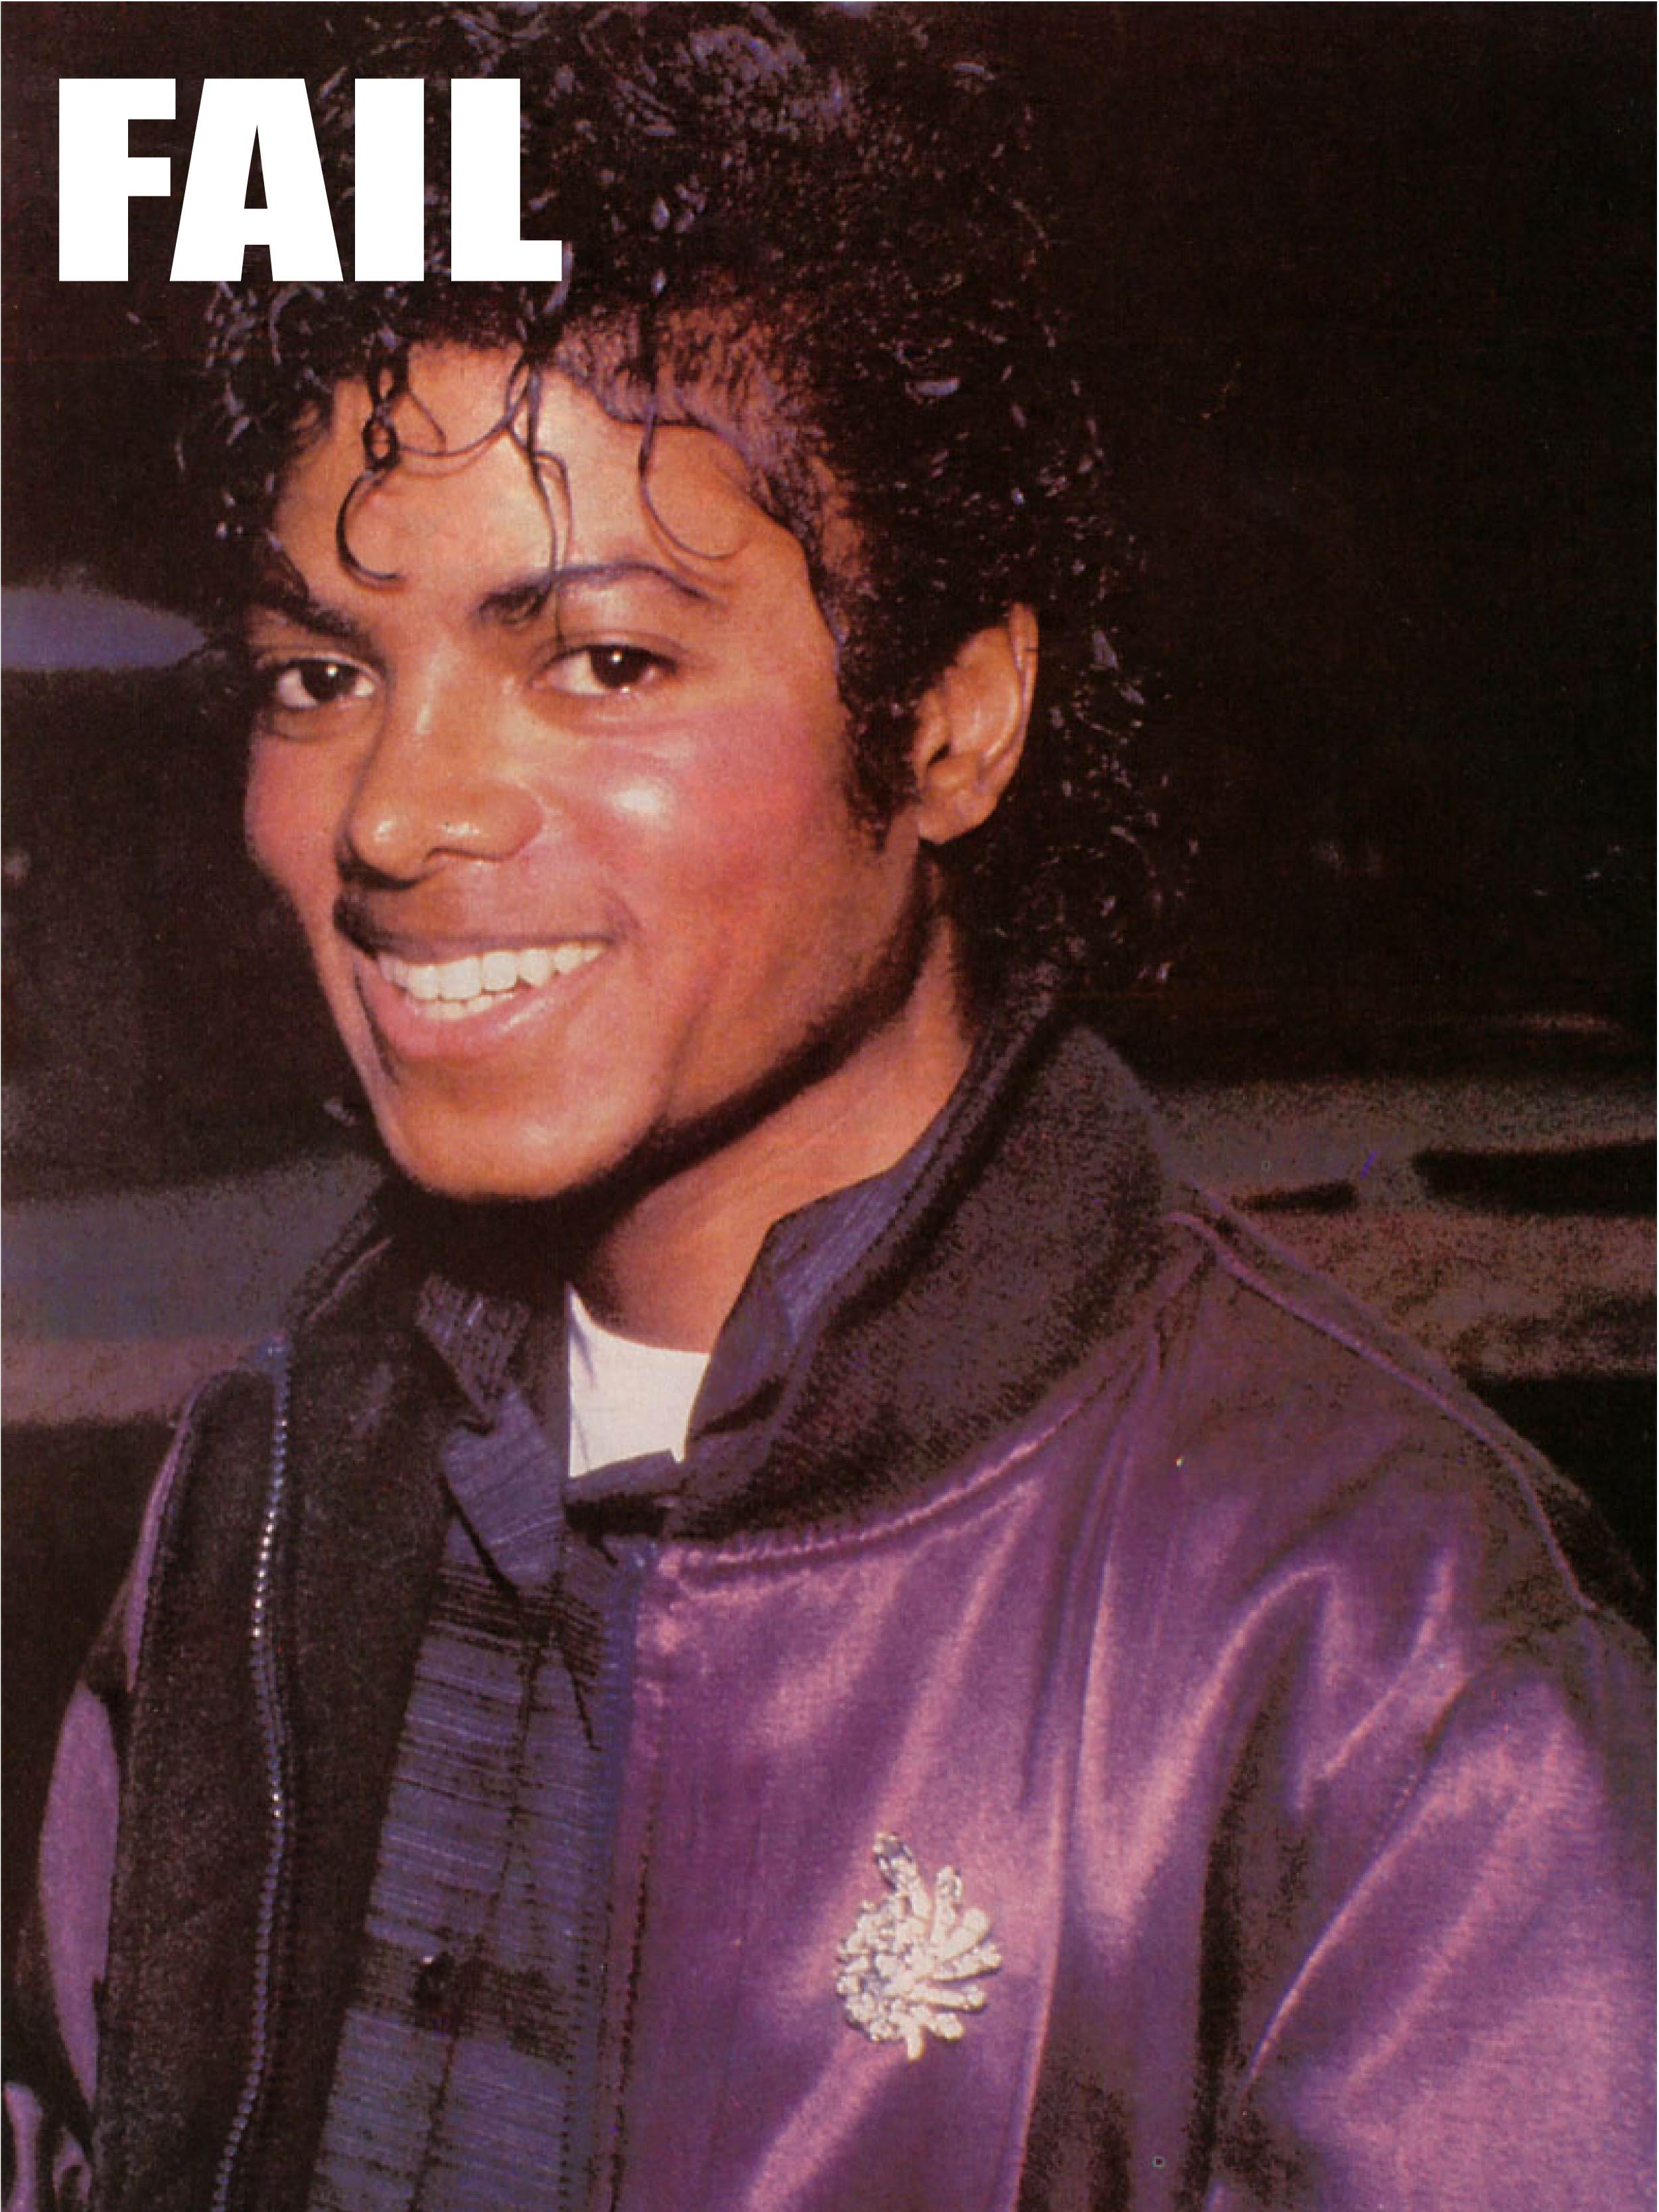 MJ FAIL.jpg